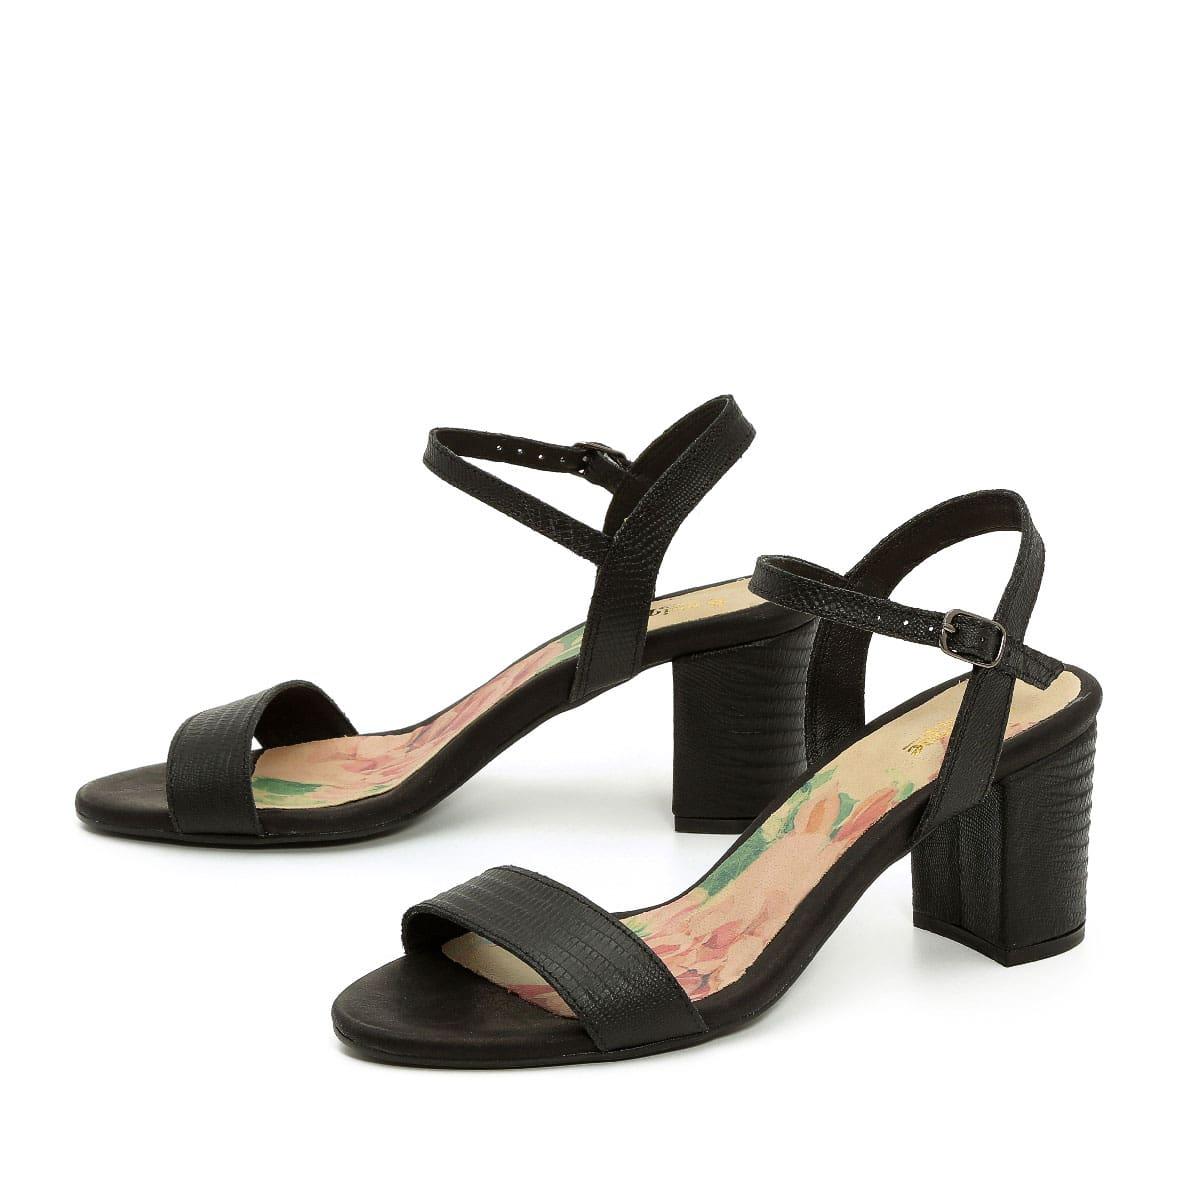 בלעדי לאתר - דגם רינת: נעלי עקב בצבע שחור